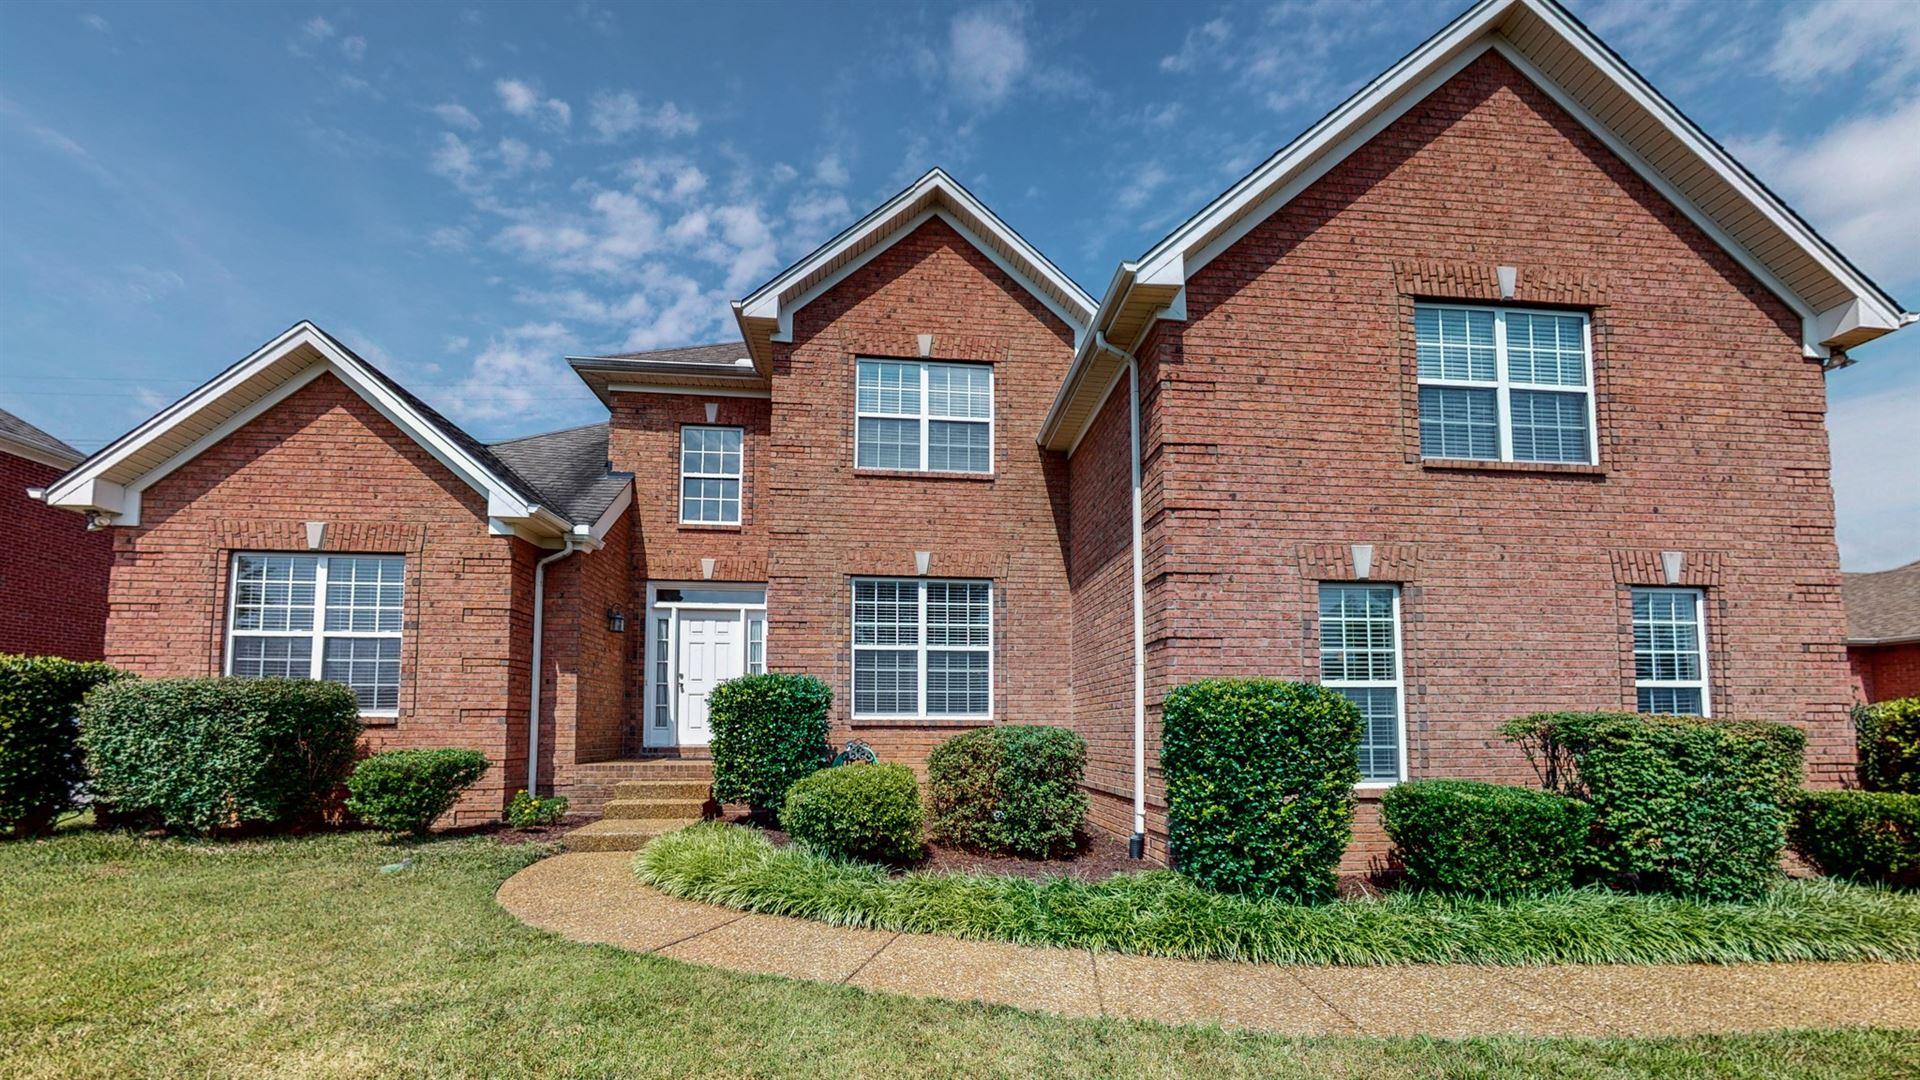 113 Brierfield Way, Hendersonville, TN 37075 - MLS#: 2278237